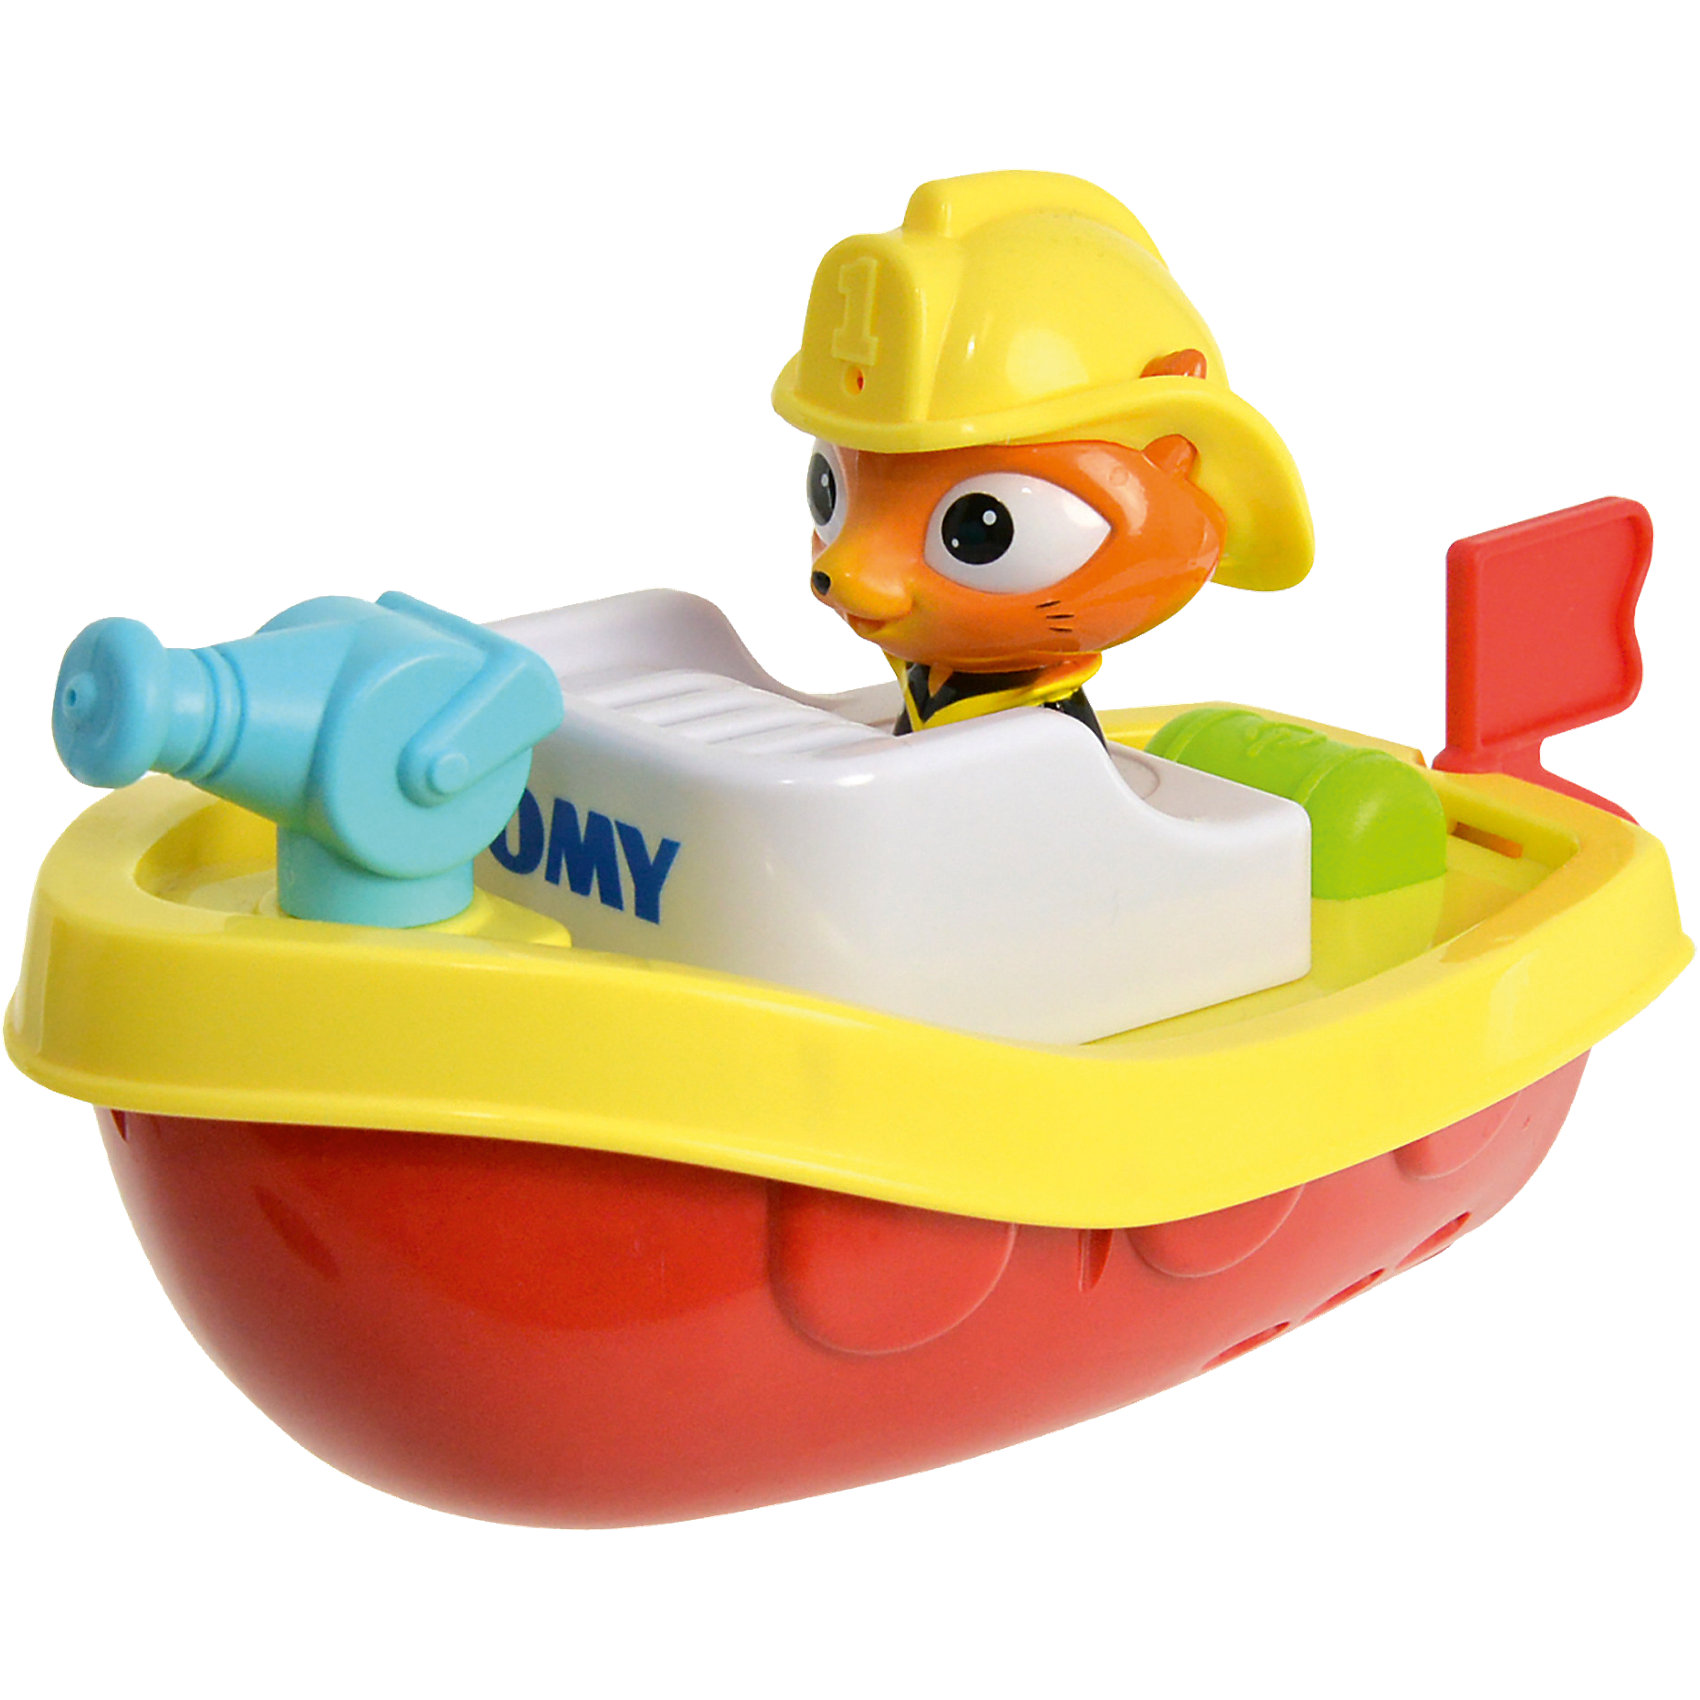 Пожарный катер на пульте д/у, TOMYИгрушки для ванной<br>Характеристики пожарного катера на пульте д/у<br><br>- возраст: от 12 месяцев<br>- пол: для мальчиков и девочек<br>- комплект: катер, пульт управления.<br>- наличие батареек: входят в комплект.<br>- тип батареек: 3 х AAA / LR0.3 1.5V (мизинчиковые).<br>- материал: пластик, металл.<br>- размер упаковки: 21 * 29 * 13 см.<br>- упаковка: картонная коробка открытого типа.<br>- размер катера: 18 * 18 * 21 см.<br>- страна обладатель бренда: Великобритания.<br><br>Капитан Кот от компании Tomy - это невероятная игрушка на дистанционном управлении,представляющая из себя пожарный катер, которым управляет симпатичный кот в каске. Игрушка предназначена для игр в воде, пульт водонепроницаем, поэтому можно не опасаться за то, что на него попадет вода. Пожарный катер способен превратить скучное принятие ванной в целое развлечение для ребенка. Помимо того, что катер действительно может плыть по воде, а ребенок может управляет его движением дистанционно, катер еще и может стрелять водой из небольшого водомета.<br><br>Пожарный катер на пульте д/у торговой марки Tomy (Томи) можно купить в нашем интернет-магазине.<br><br>Ширина мм: 313<br>Глубина мм: 215<br>Высота мм: 137<br>Вес г: 529<br>Возраст от месяцев: 10<br>Возраст до месяцев: 36<br>Пол: Унисекс<br>Возраст: Детский<br>SKU: 4599022